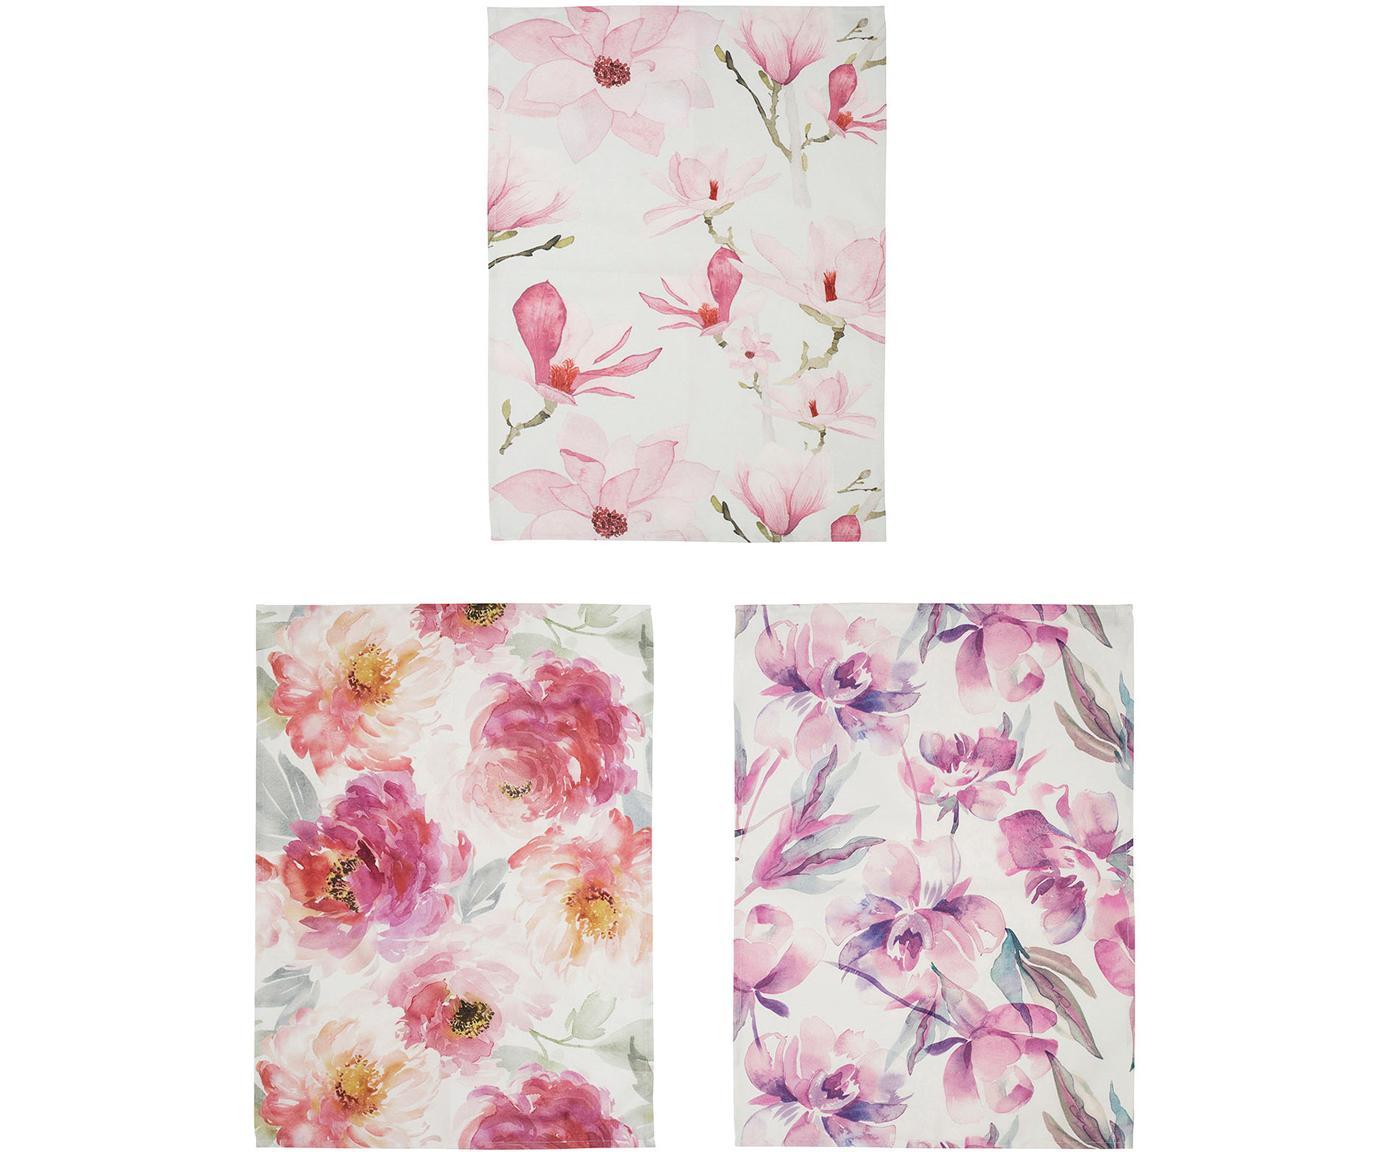 Komplet ręczników kuchennych Magnolia, 3 elem., Bawełna, Biały, blady różowy, S 50 x D 70 cm